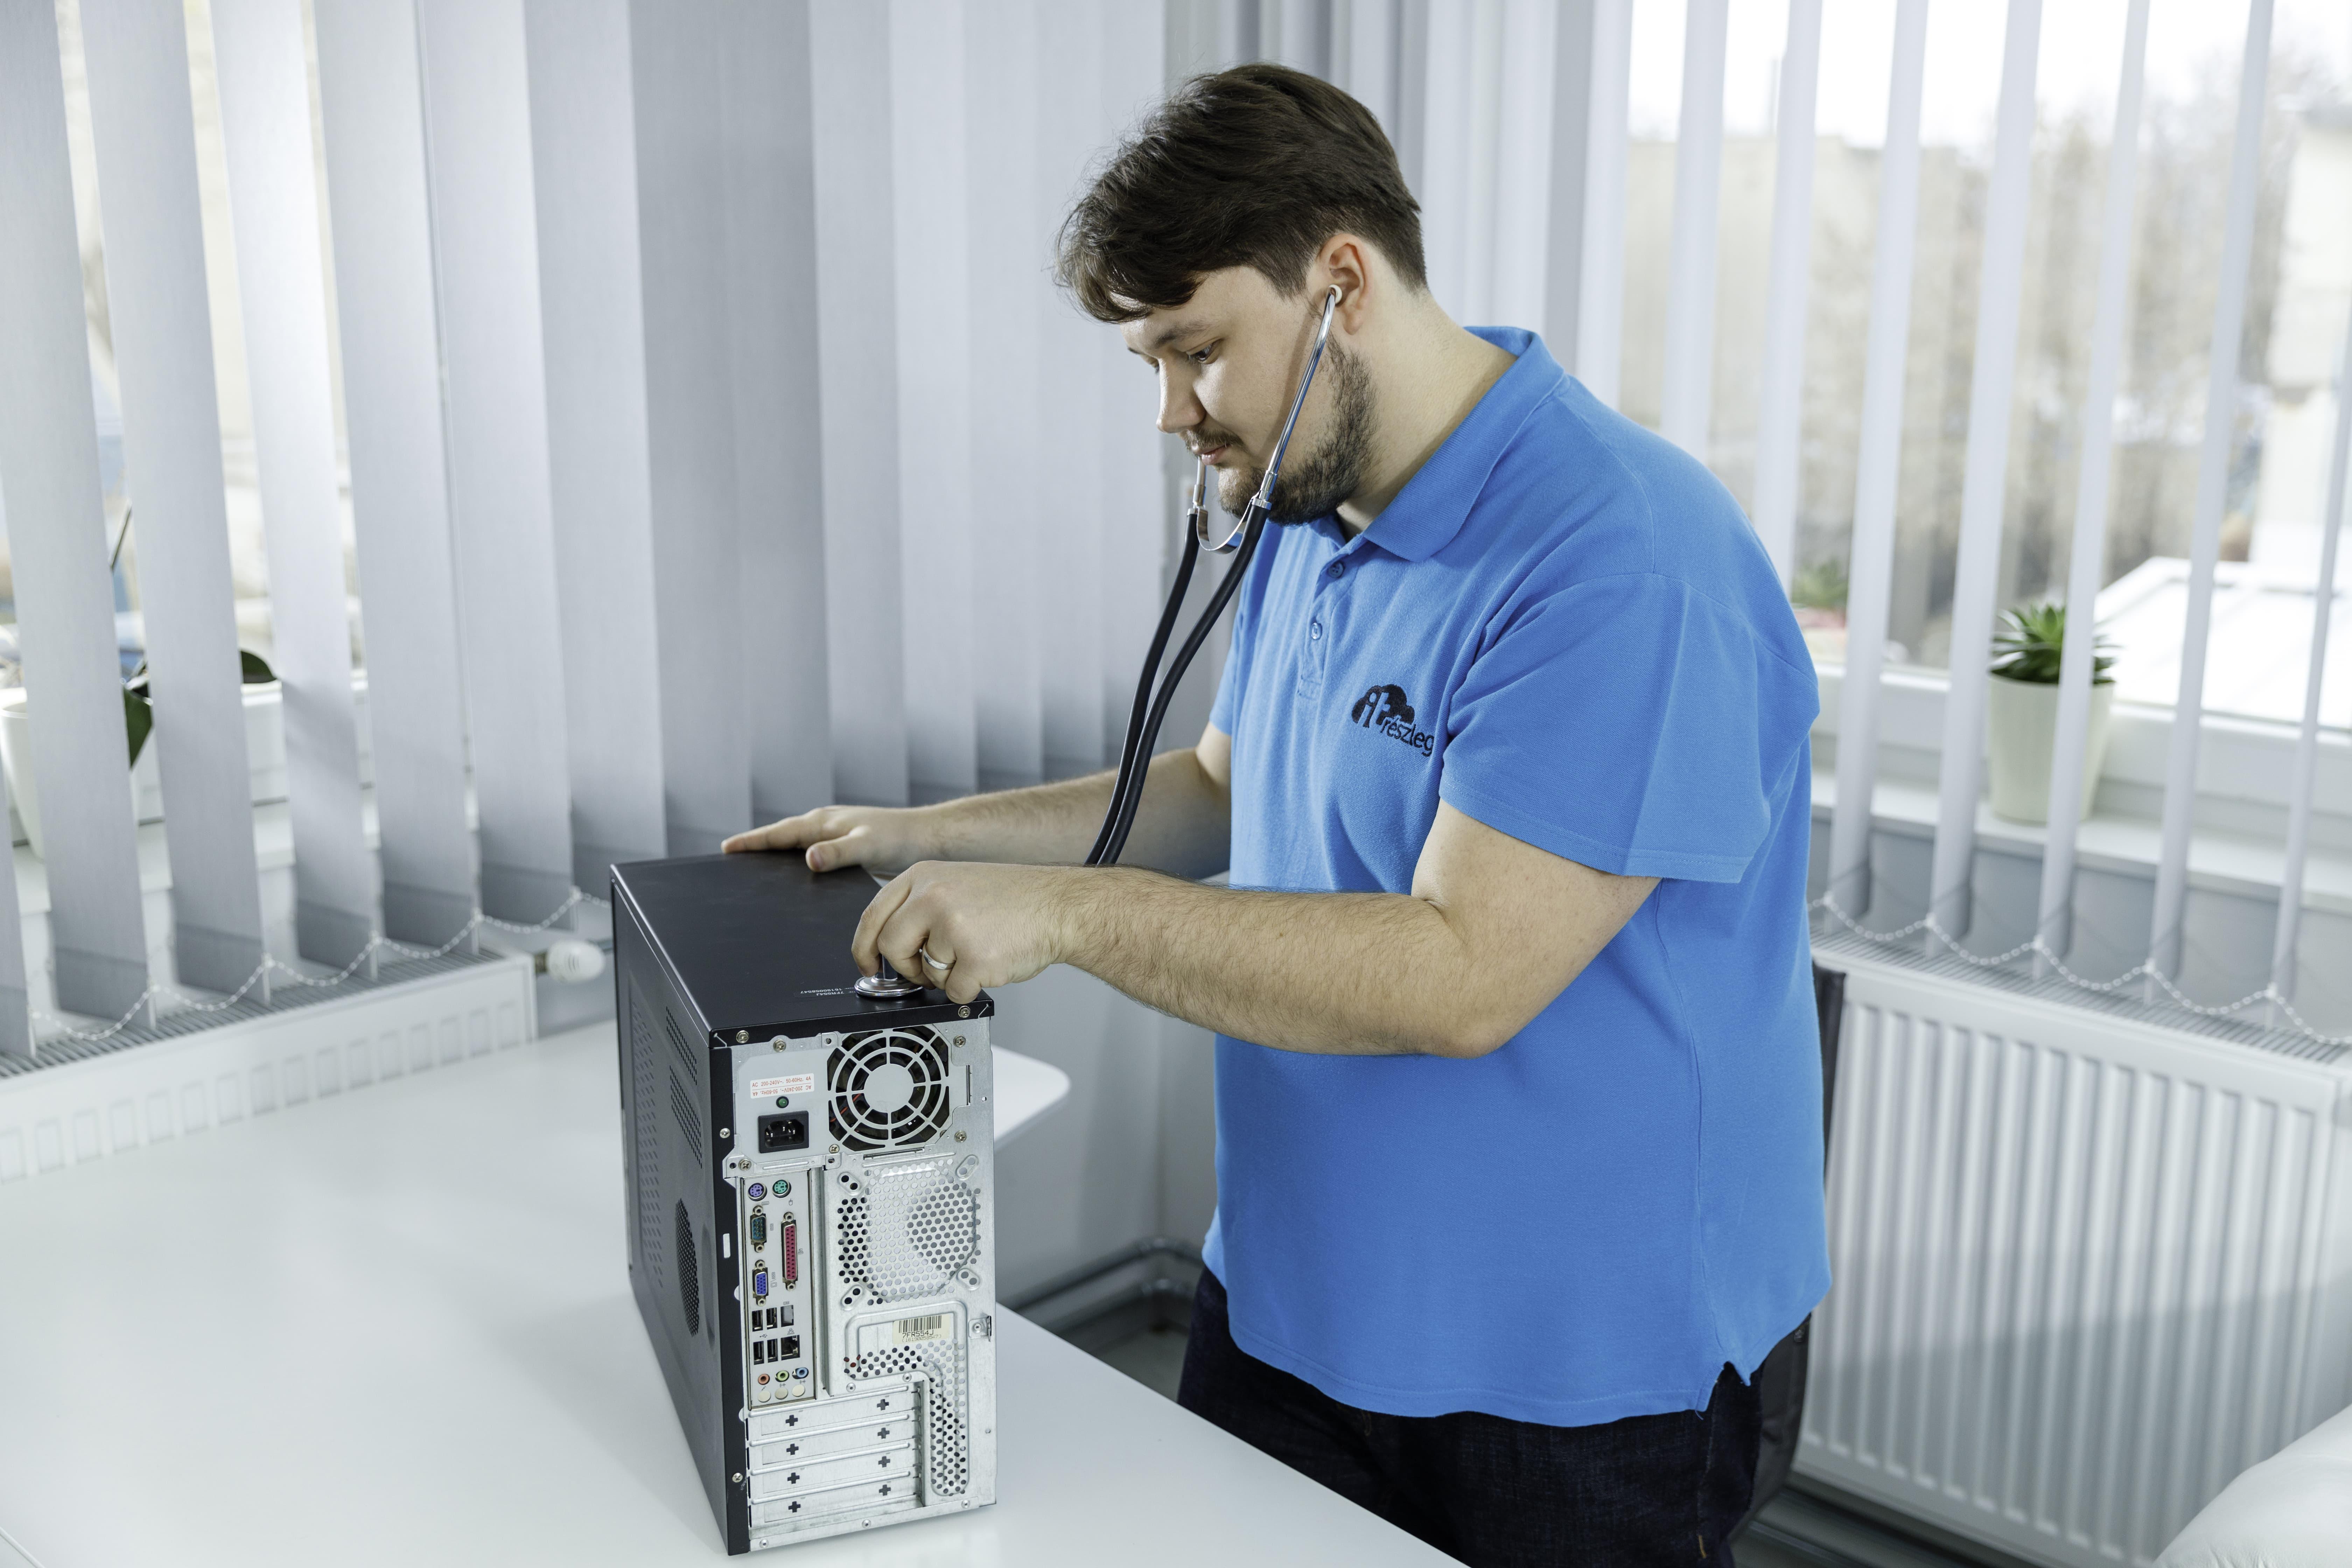 hangos számítógép, zaj, videóhívás, homeoffice, távmunka, Apple, operációs rendszer, CPU, processzor, hardver, ventillátor, teljesítmény,  informatikai eszközök, informatikai karbantartás, informatikai fejlesztés, PC, laptop, operációs rendszer, informatikai eszközök fejlesztése, tippek informatikai eszköz  karbantartáshoz